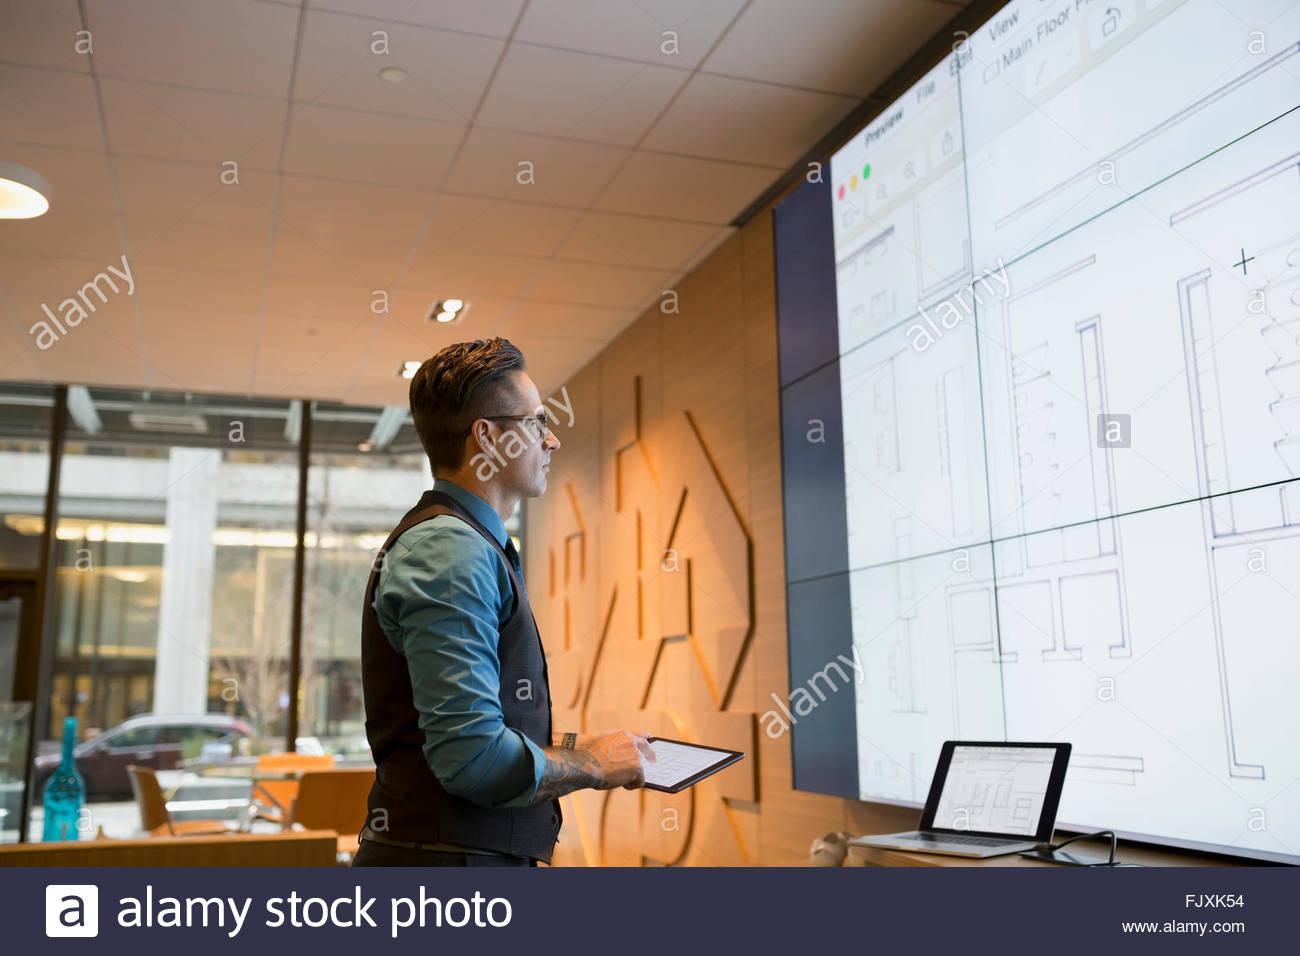 Architekt, Audio-visuelle Präsentation im Konferenzraum vorbereiten Stockbild